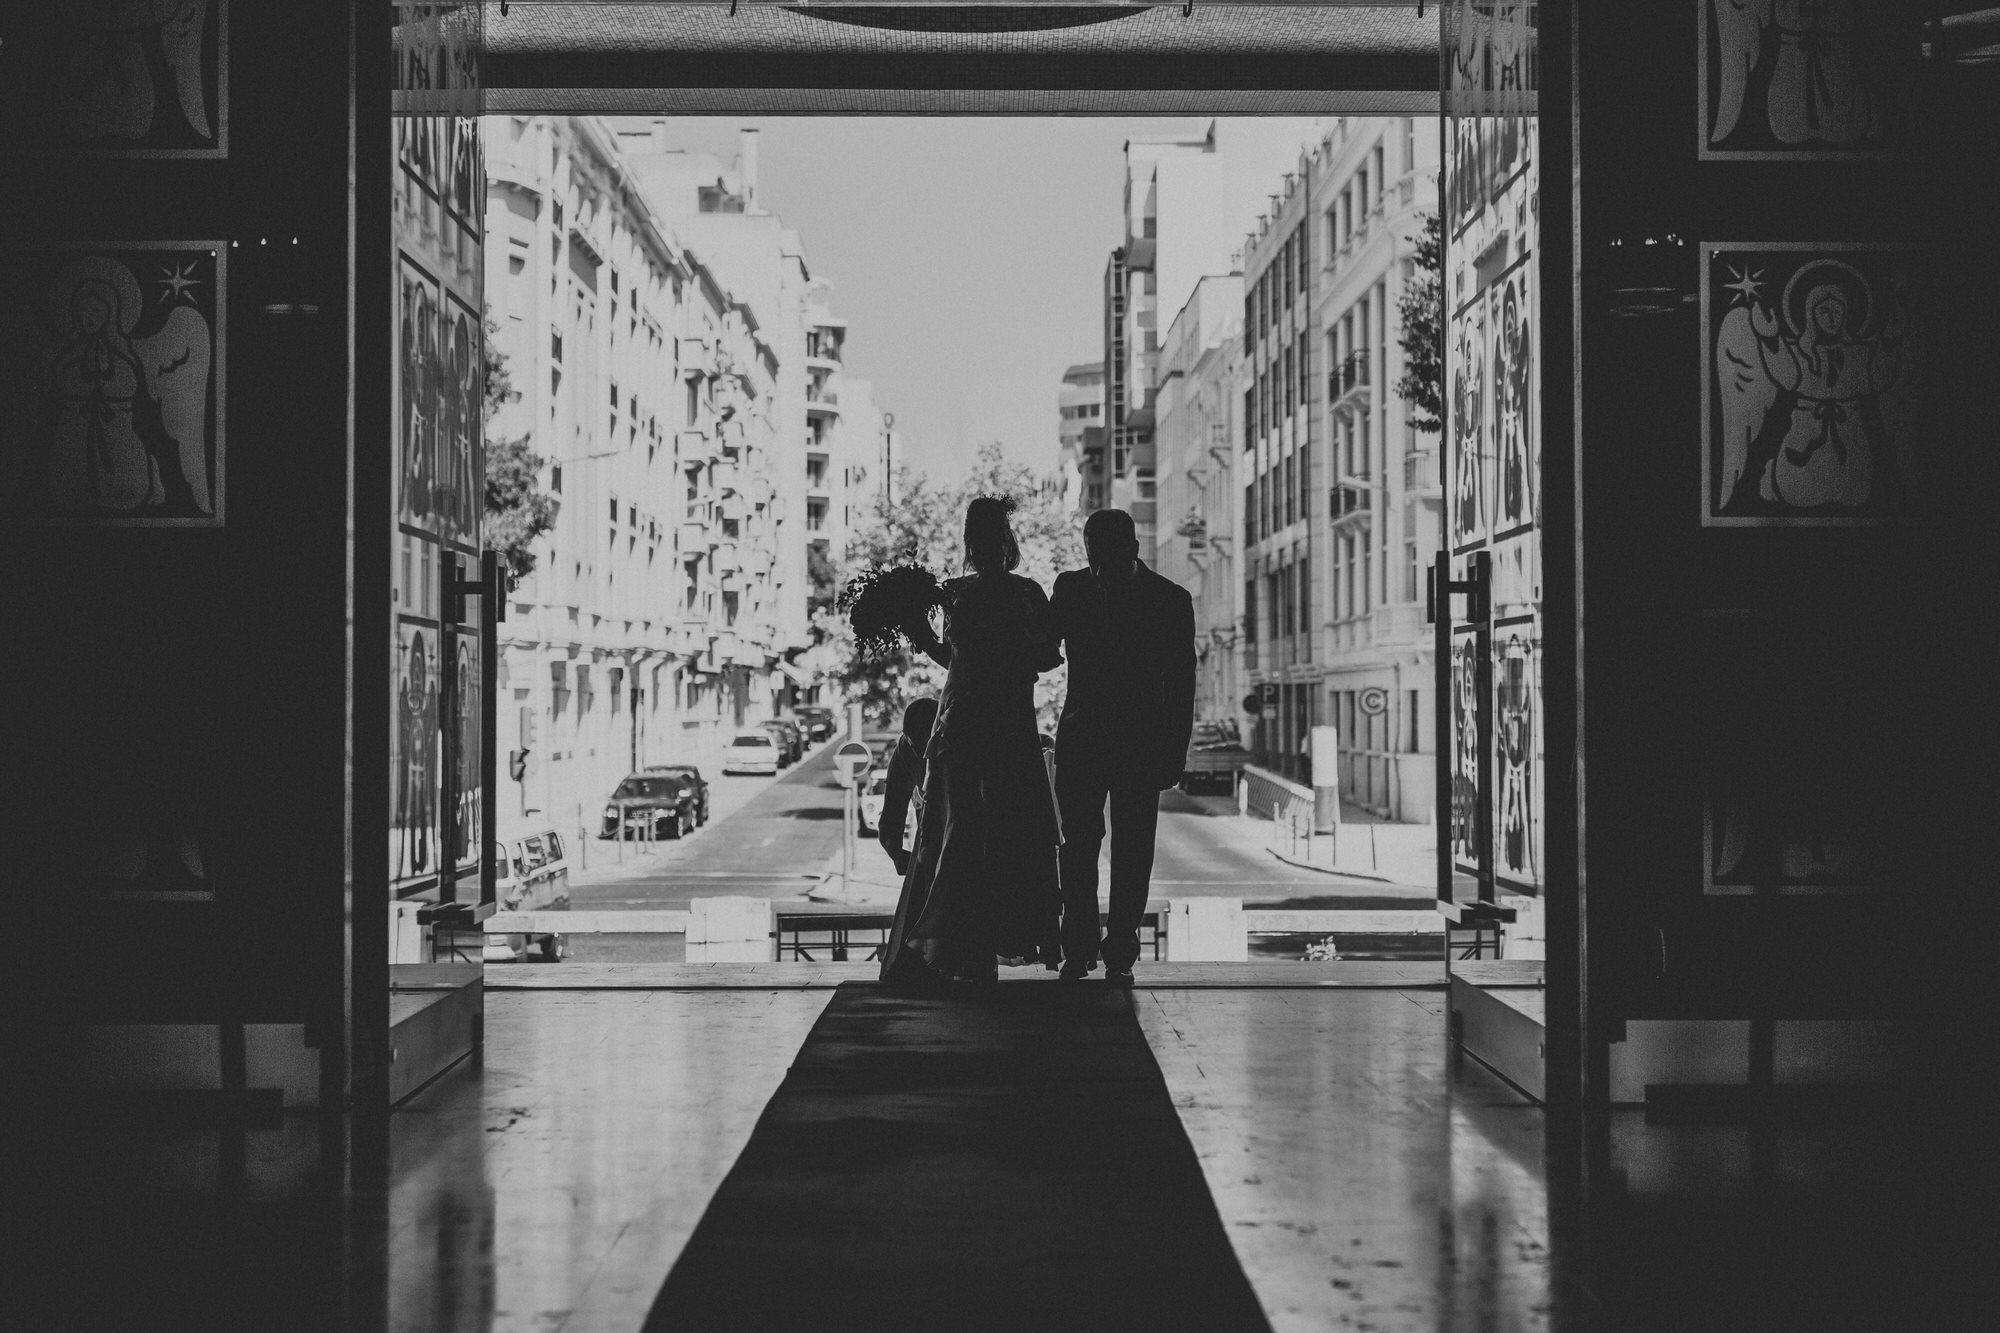 Filipe Santiago Fotografia-fotografo-malveira-lisboa-cascais-mafra-melhores-reportagem-wedding-photography-portugal-lisbon-best-natural-casamentos-lifestyle-bride-ideias-rustic-boho-hair-mackup-damas-preparativos-preparations-bridemaids-dress-shoes-bouquet-vw-van-trends